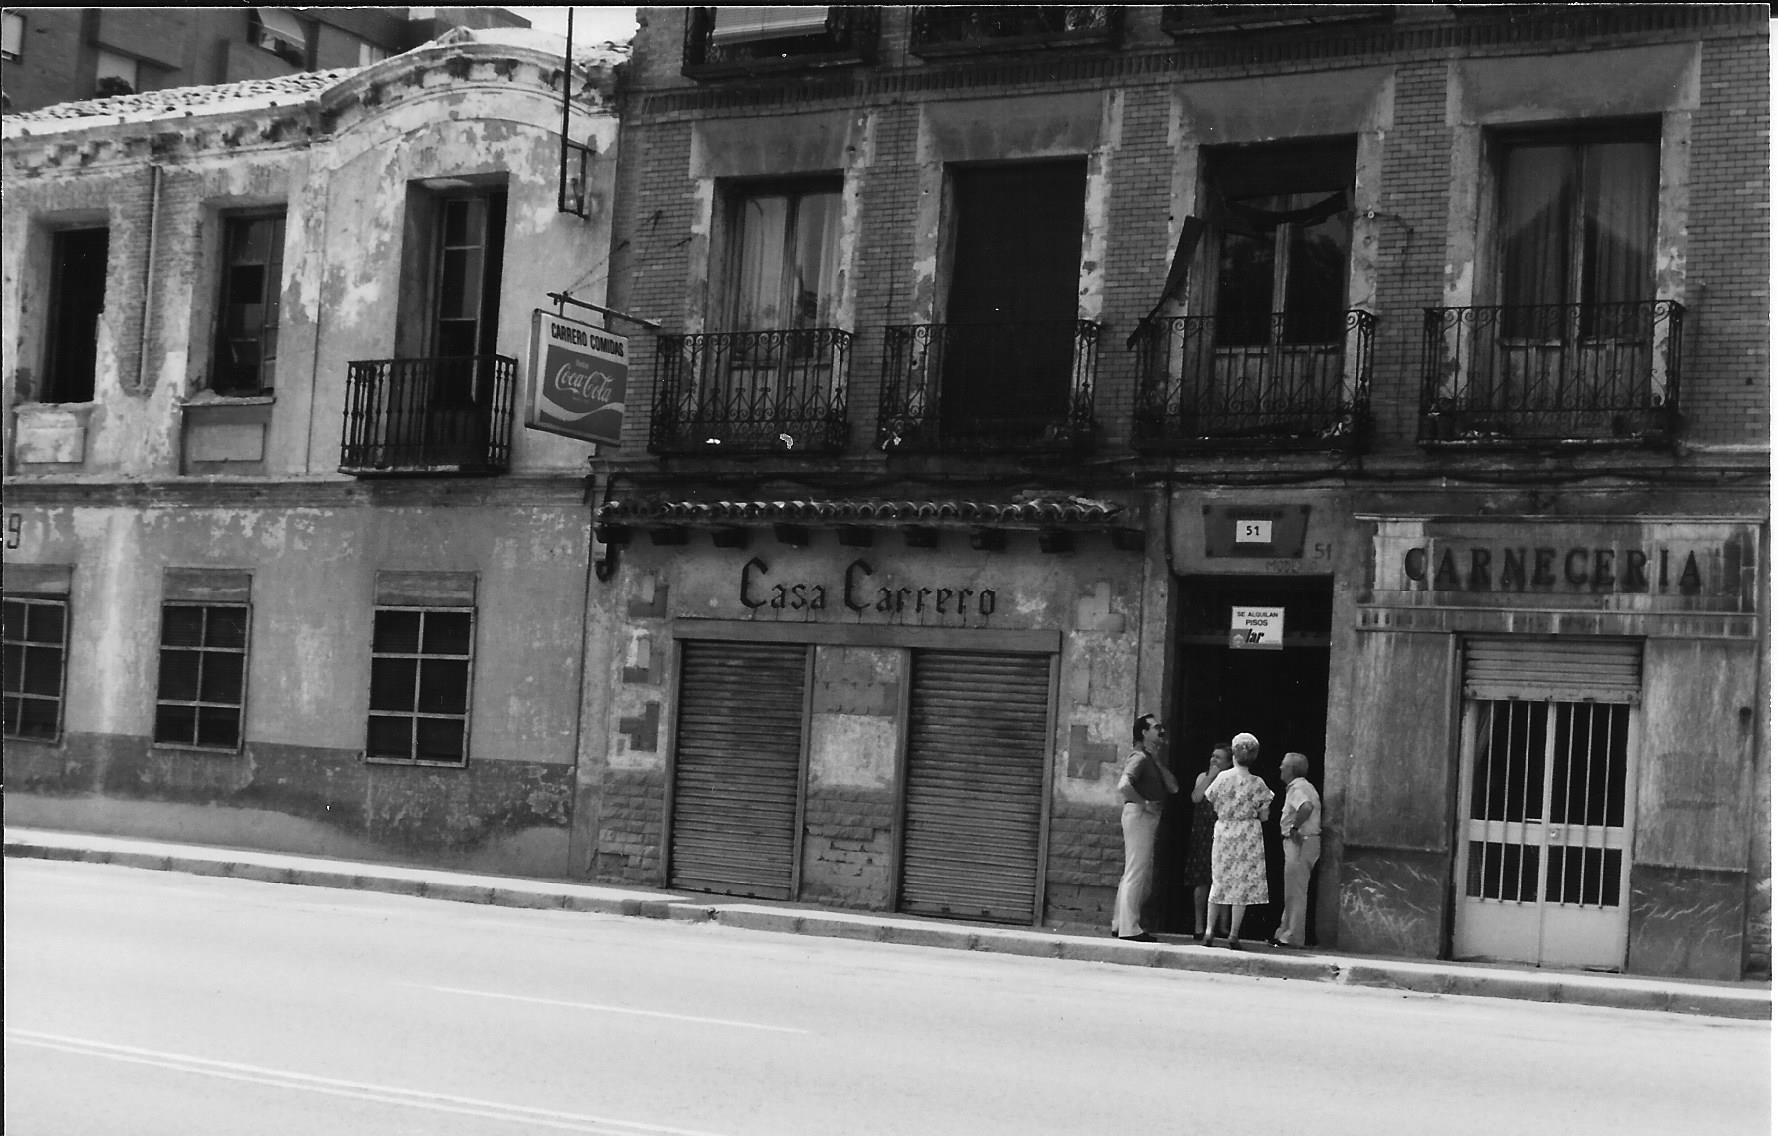 Avenida de Valladolid 51